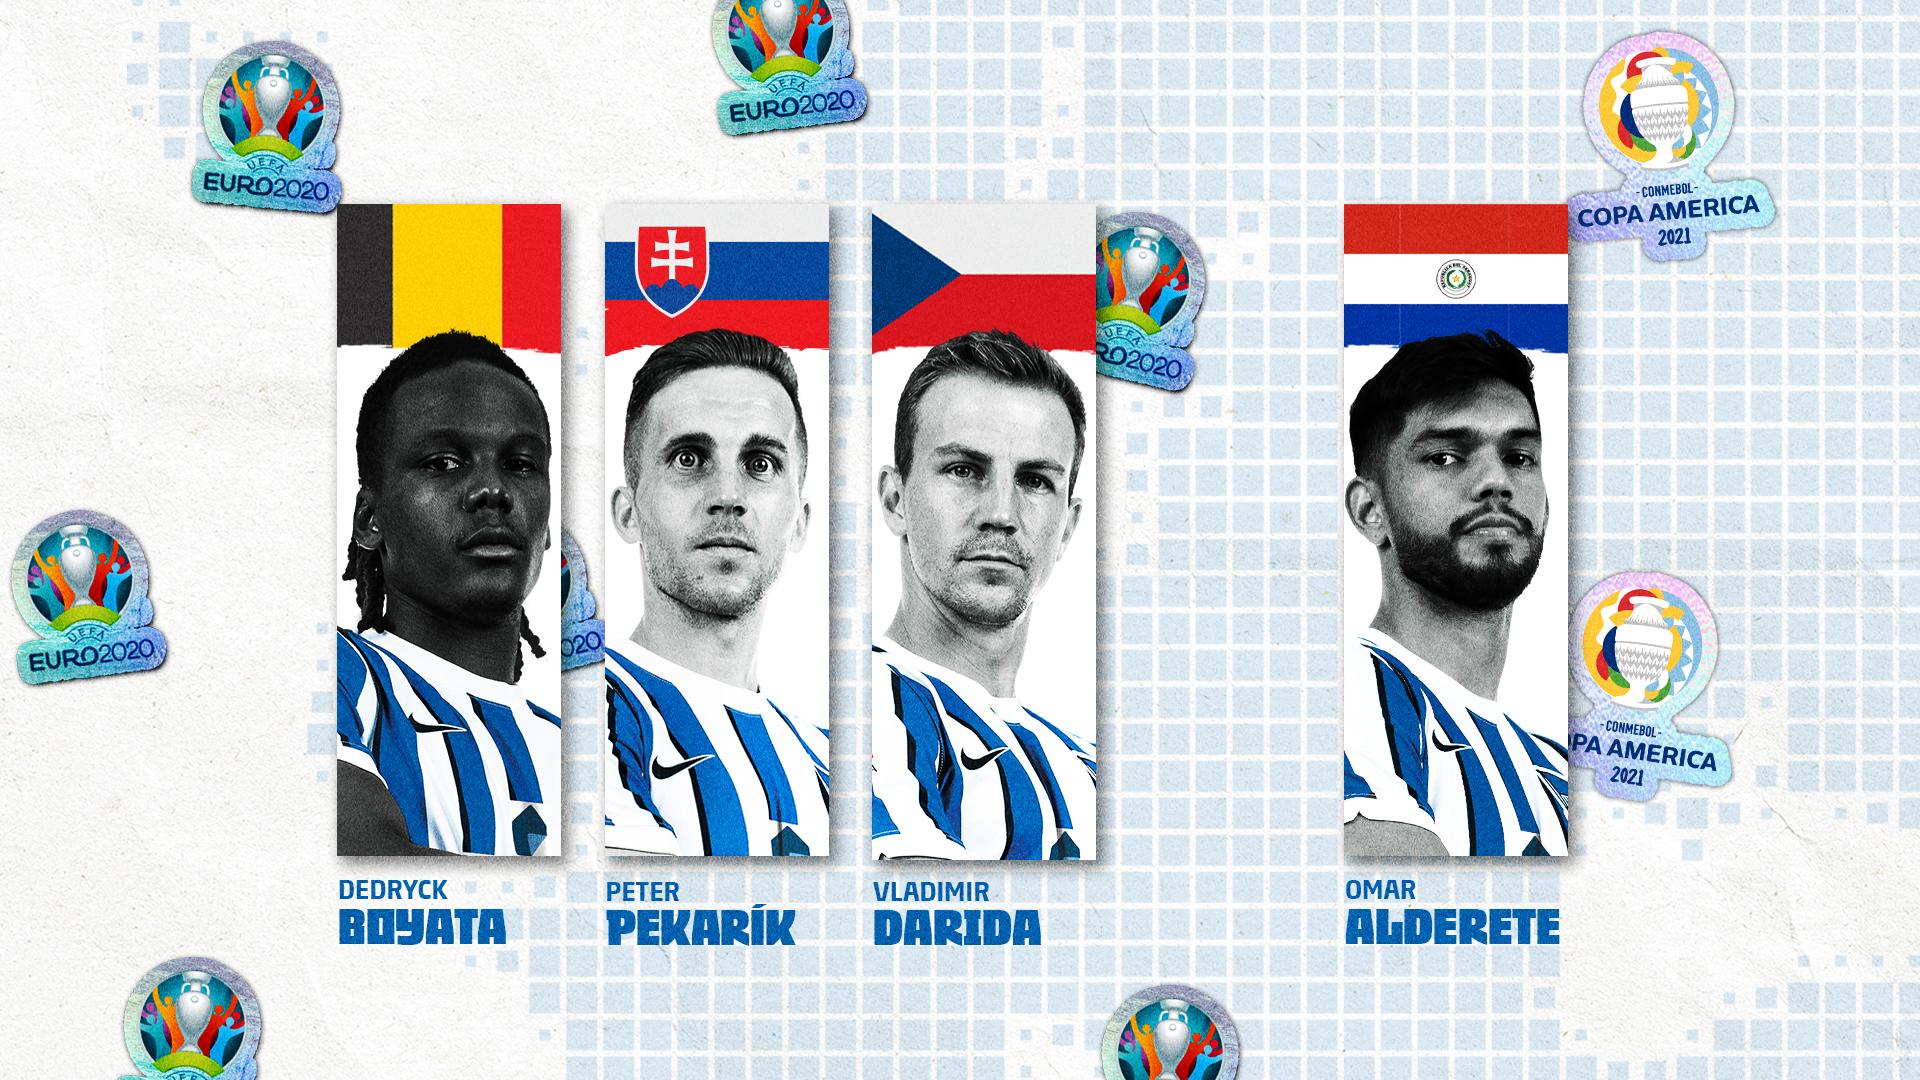 Boyata, Pekarík, Darida y Alderete participarán en la Eurocopa y la Copa América.